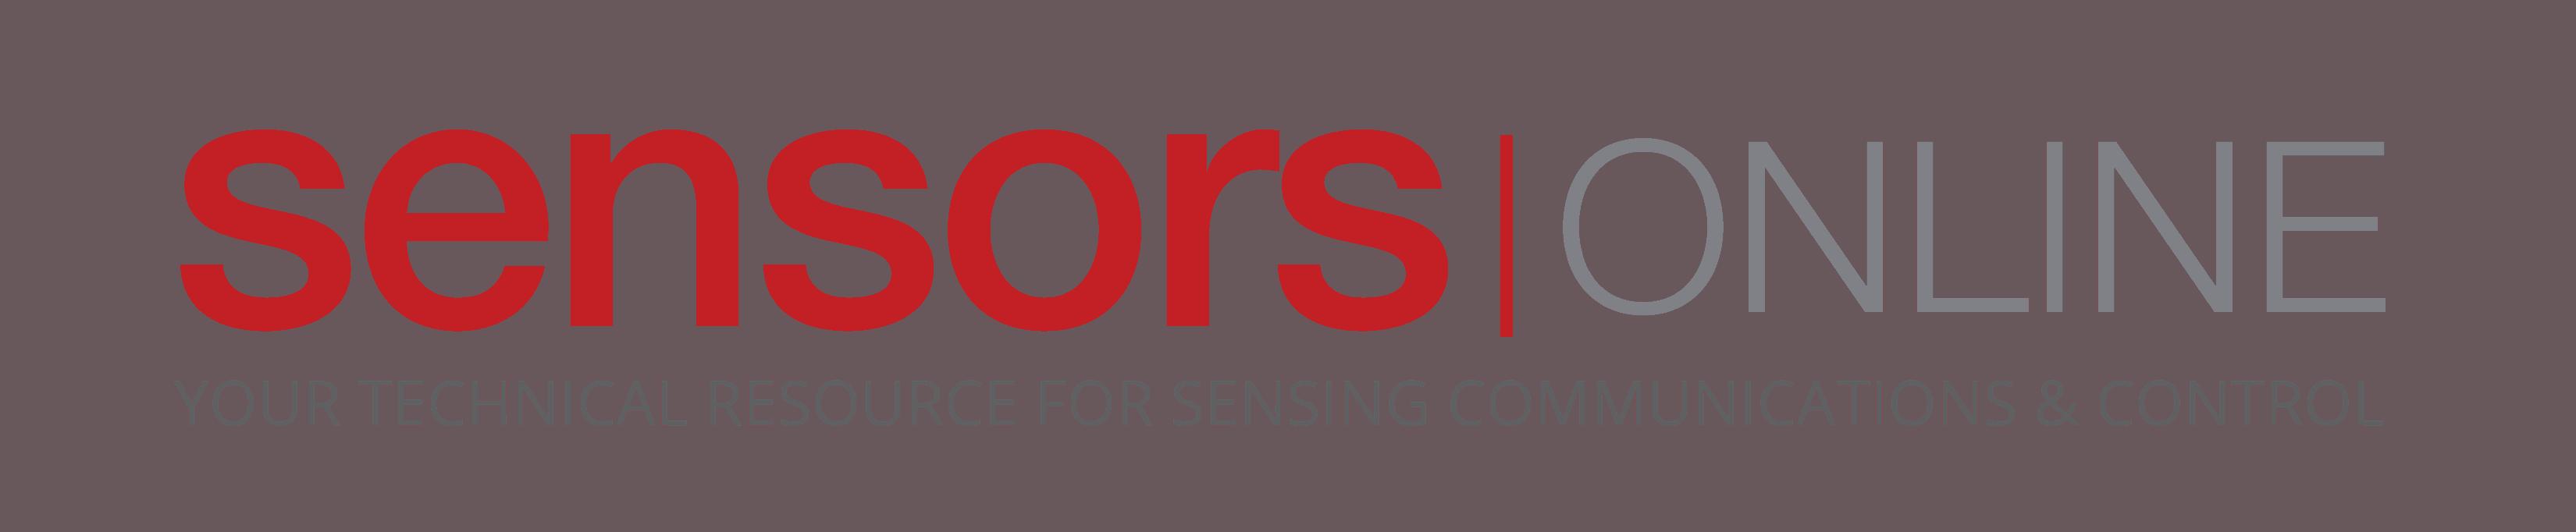 Sensors_Online Logo